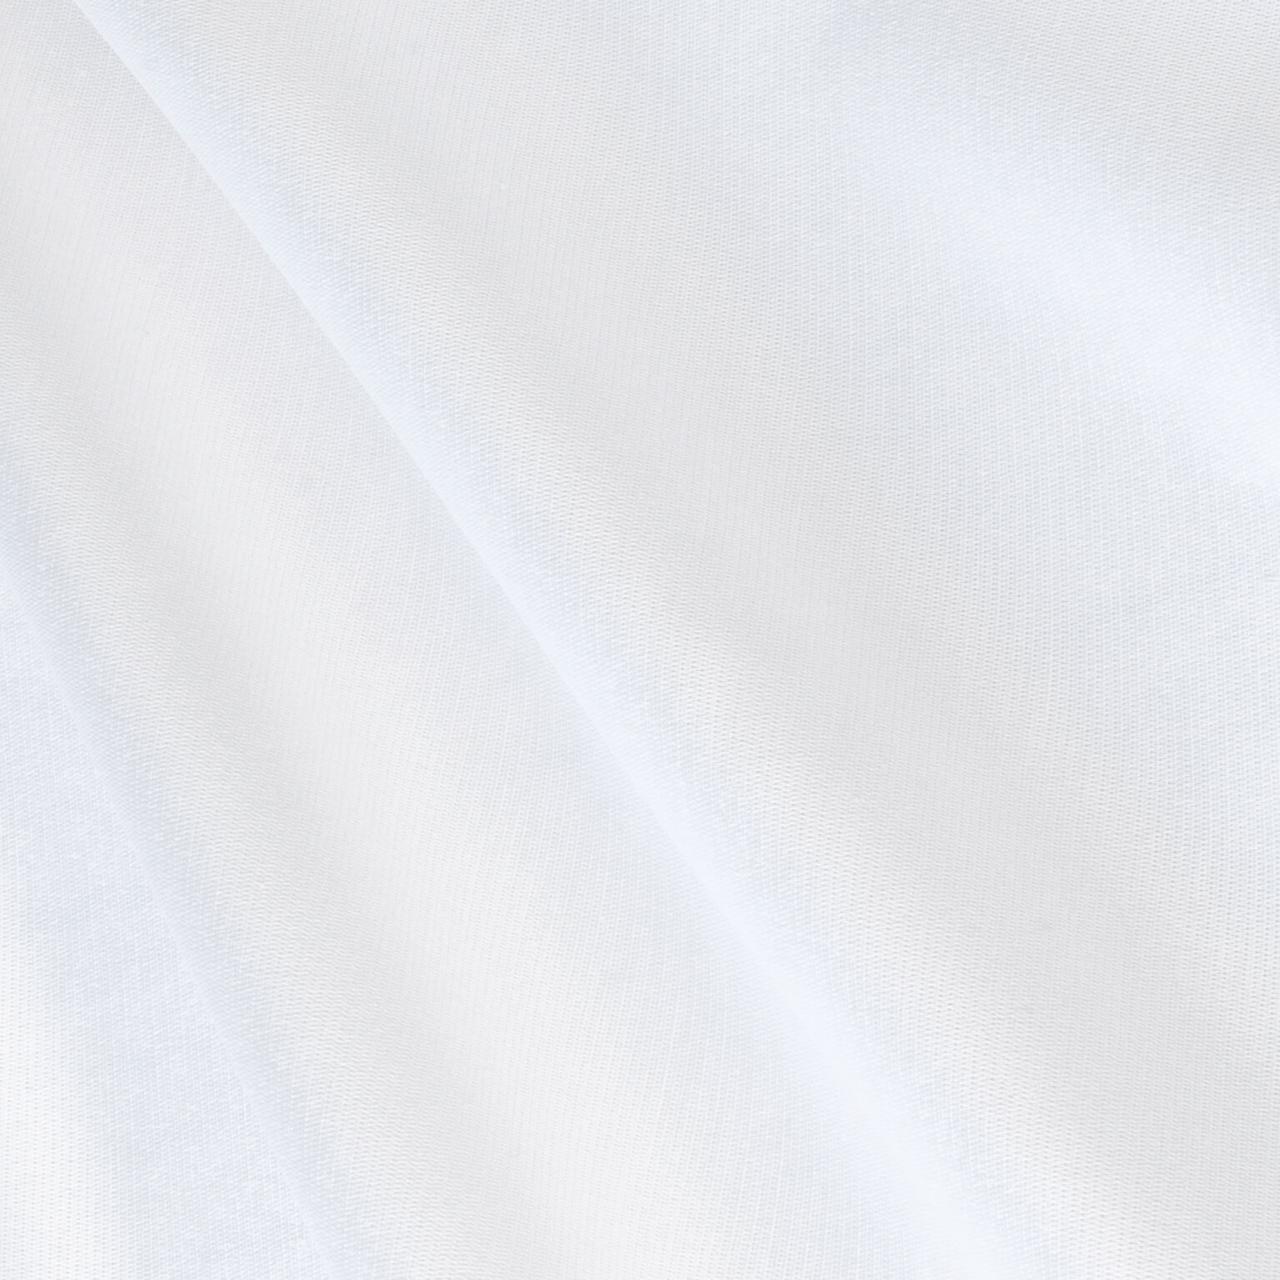 Ткань для скатертей и салфеток атлас (ресторан) 400288 v1